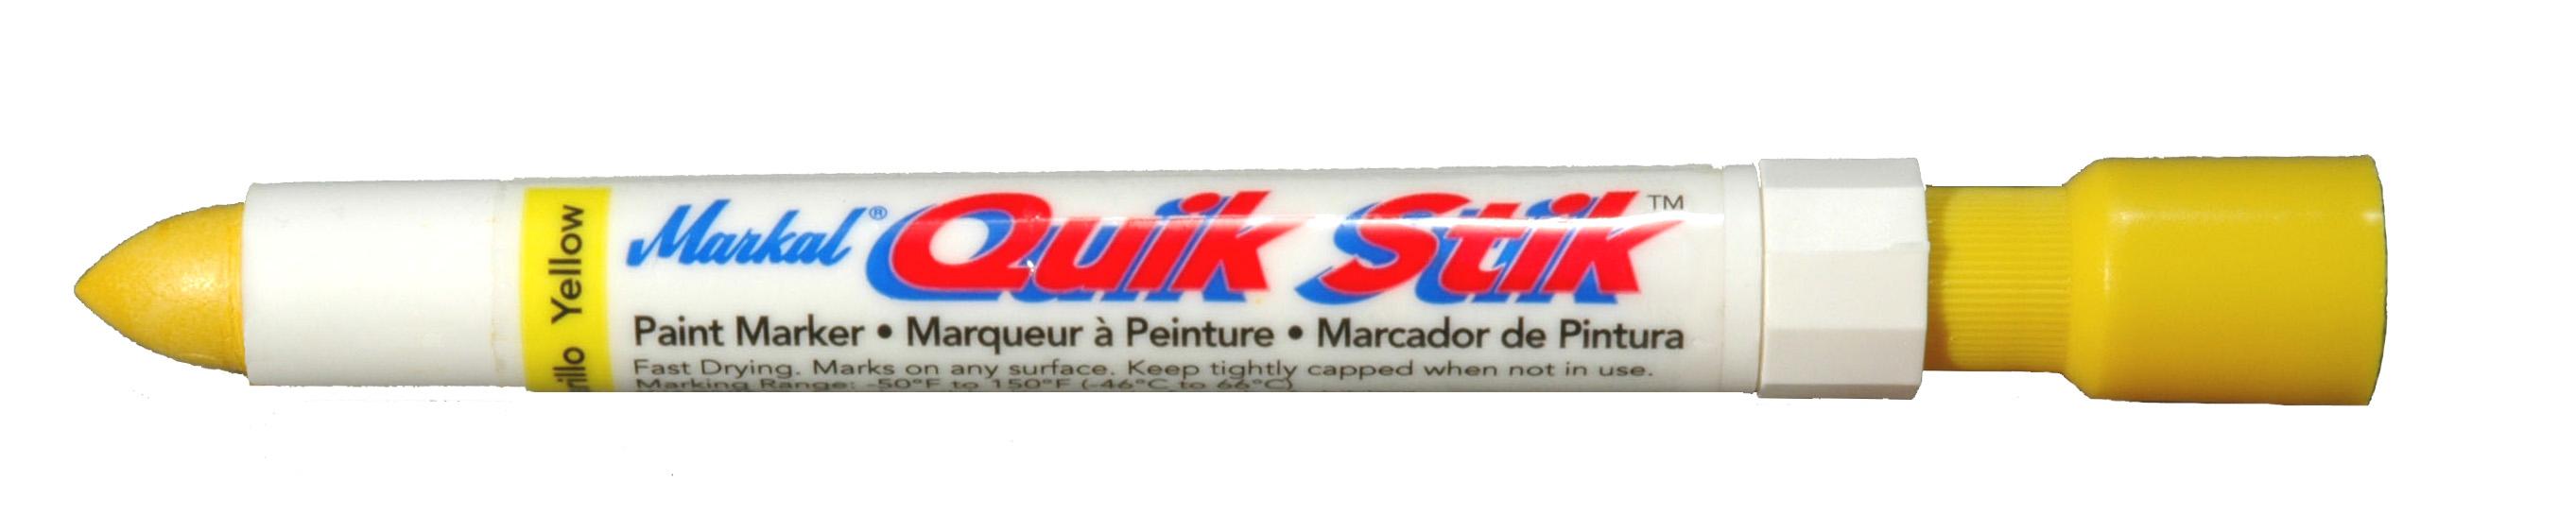 Markal Quik Stik Paint Marker - Purple